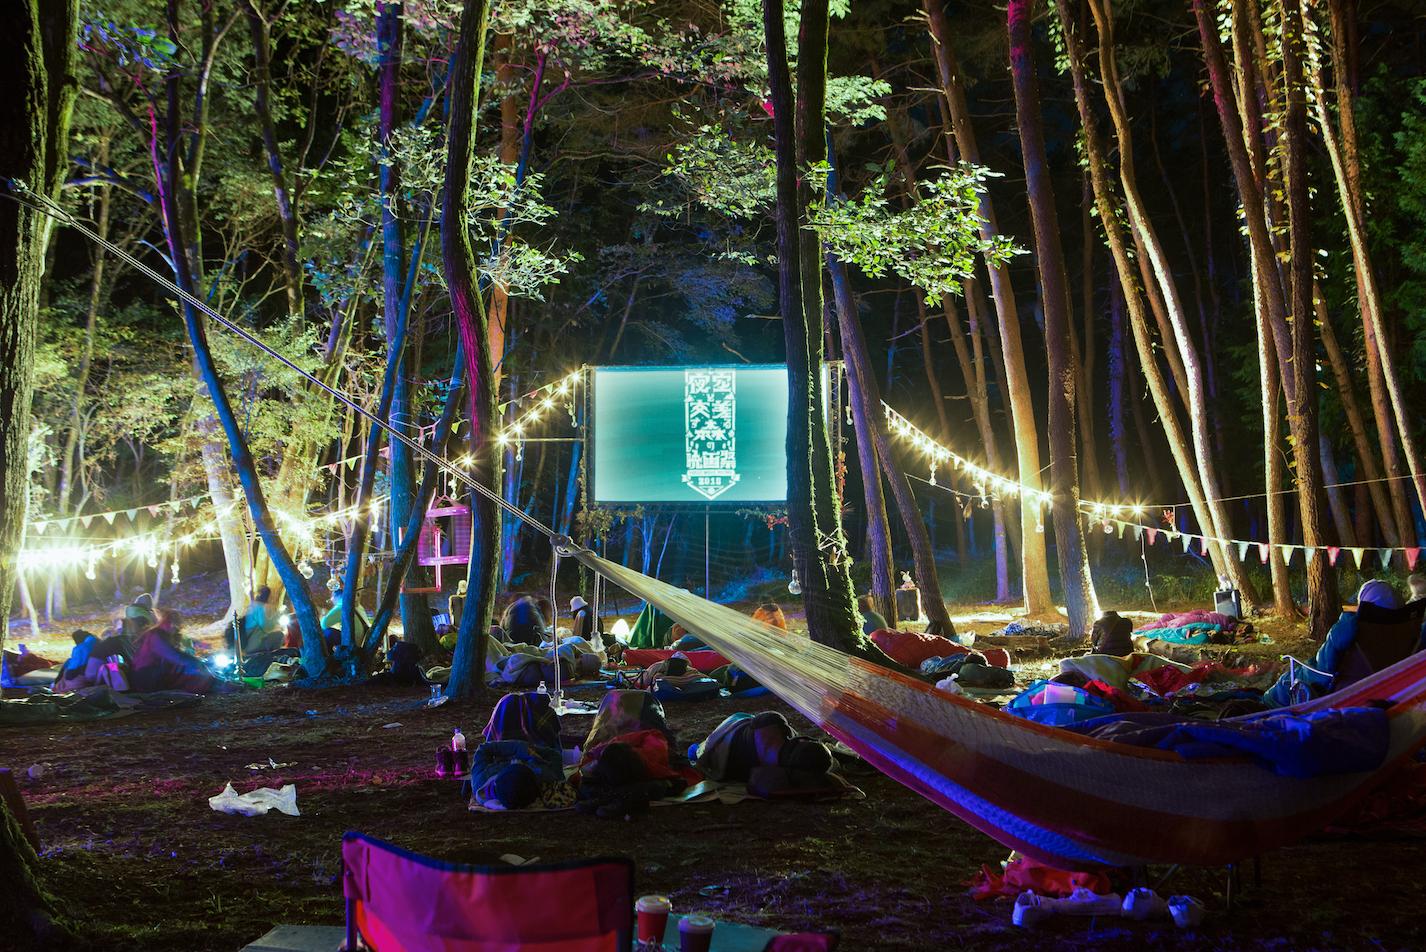 野外映画フェス「夜空と交差する森の映画祭」が、愛知県西尾市・佐久島にて開催決定 - img05 1